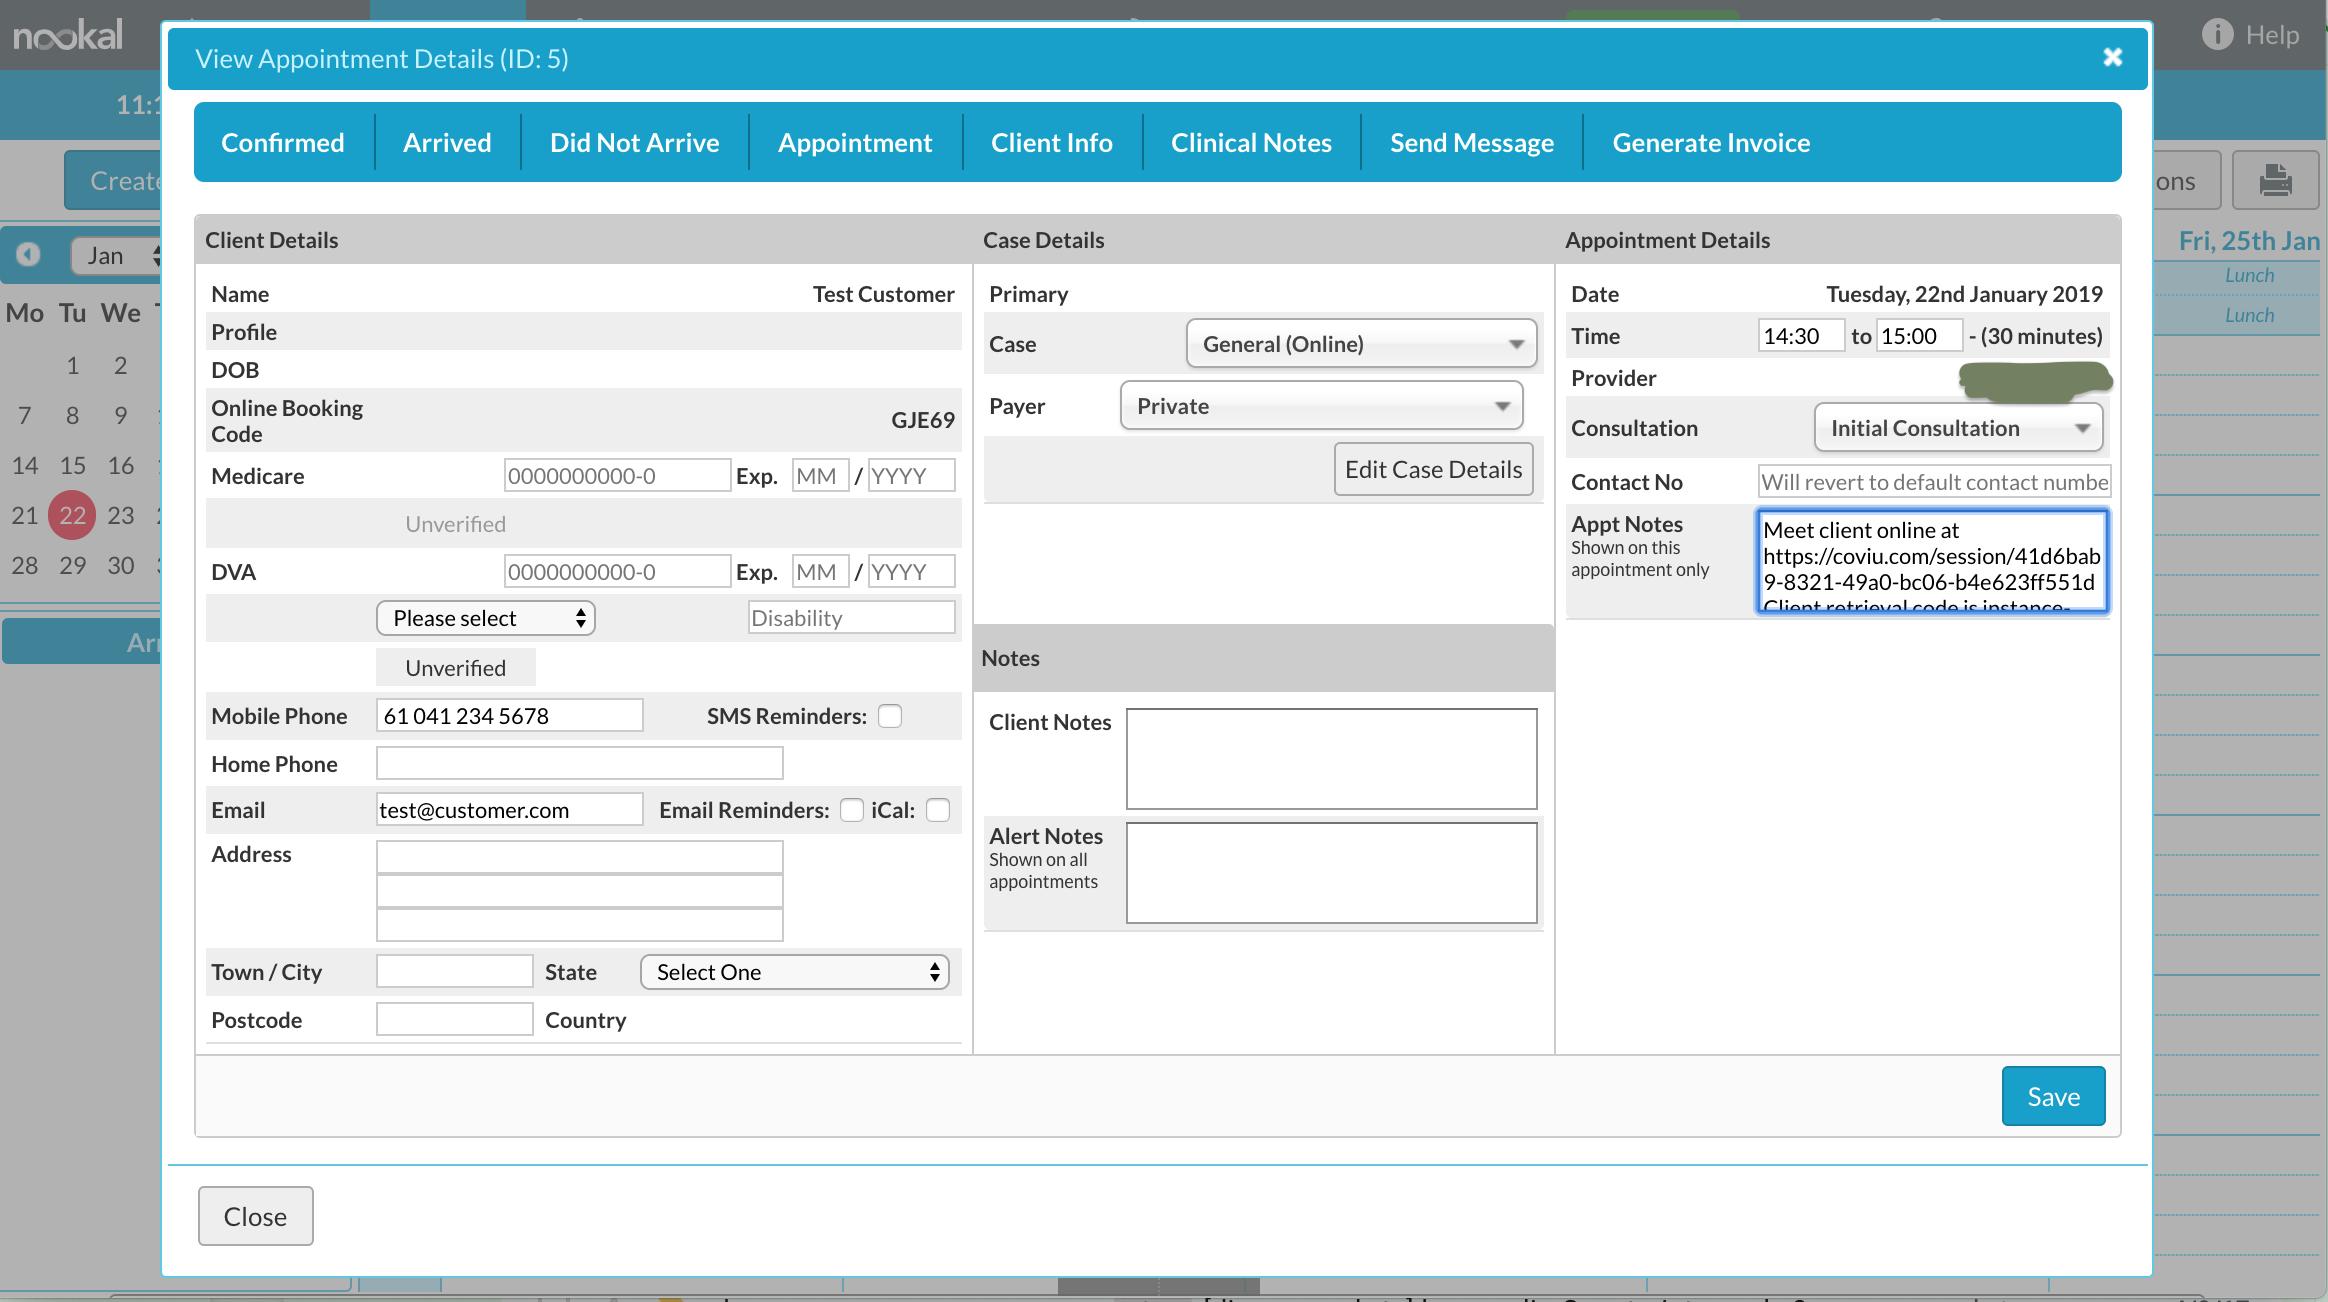 Nookal Integration Booking Details